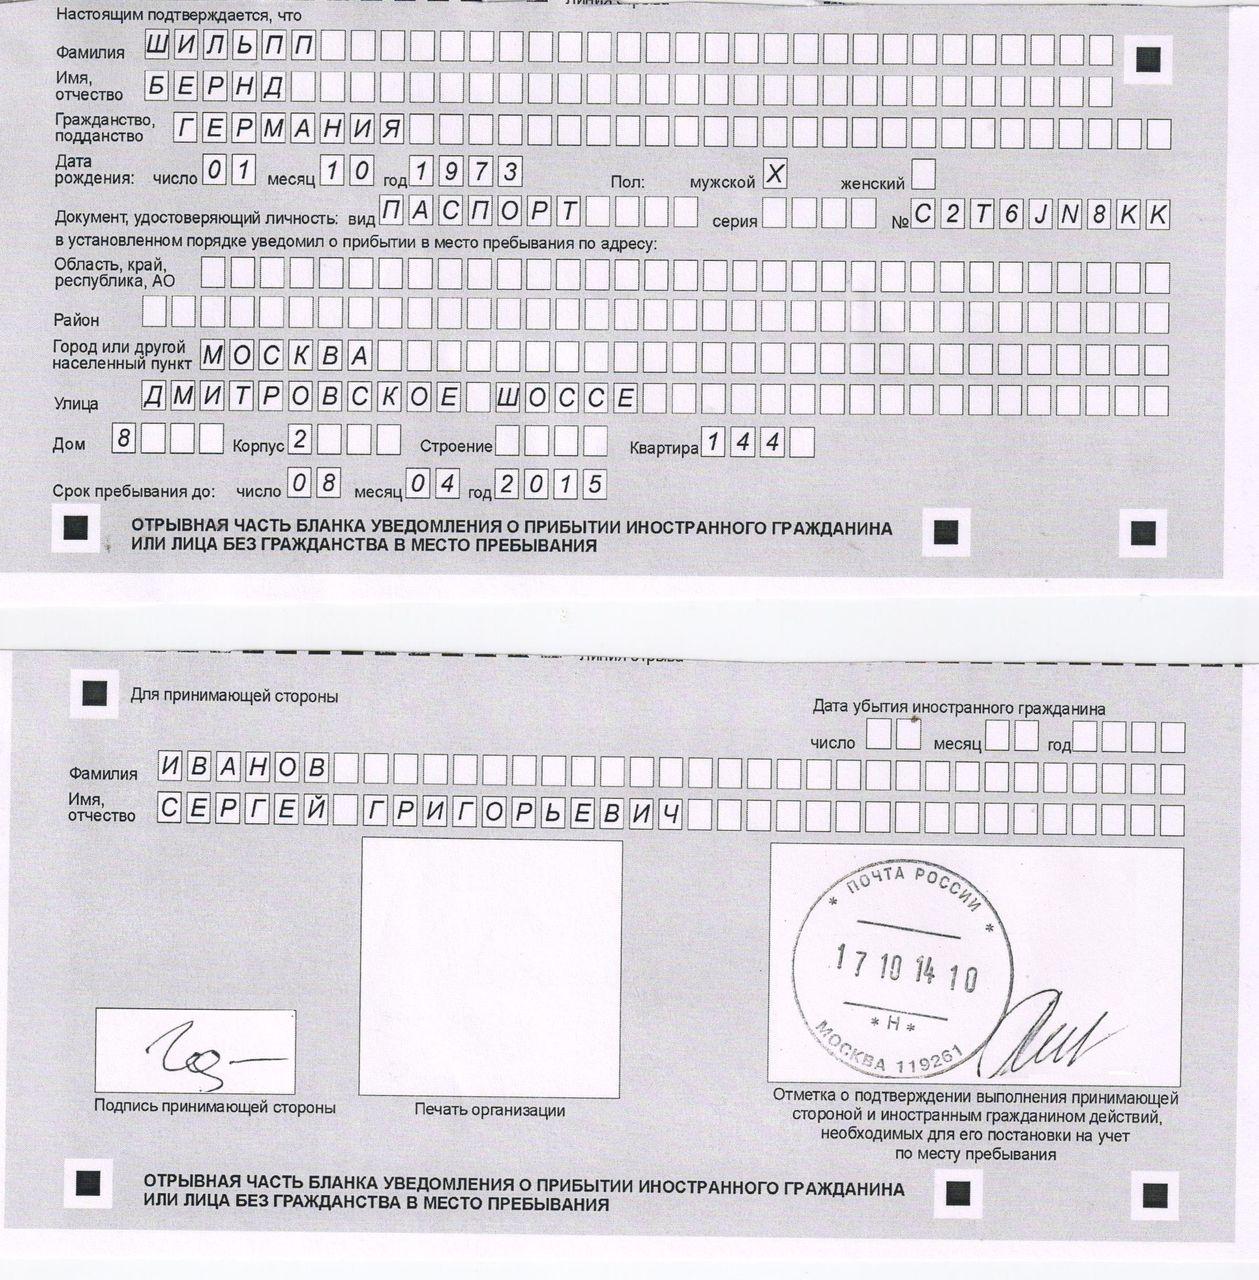 В регистрацию иностранного гражданина ставится печать организации всего